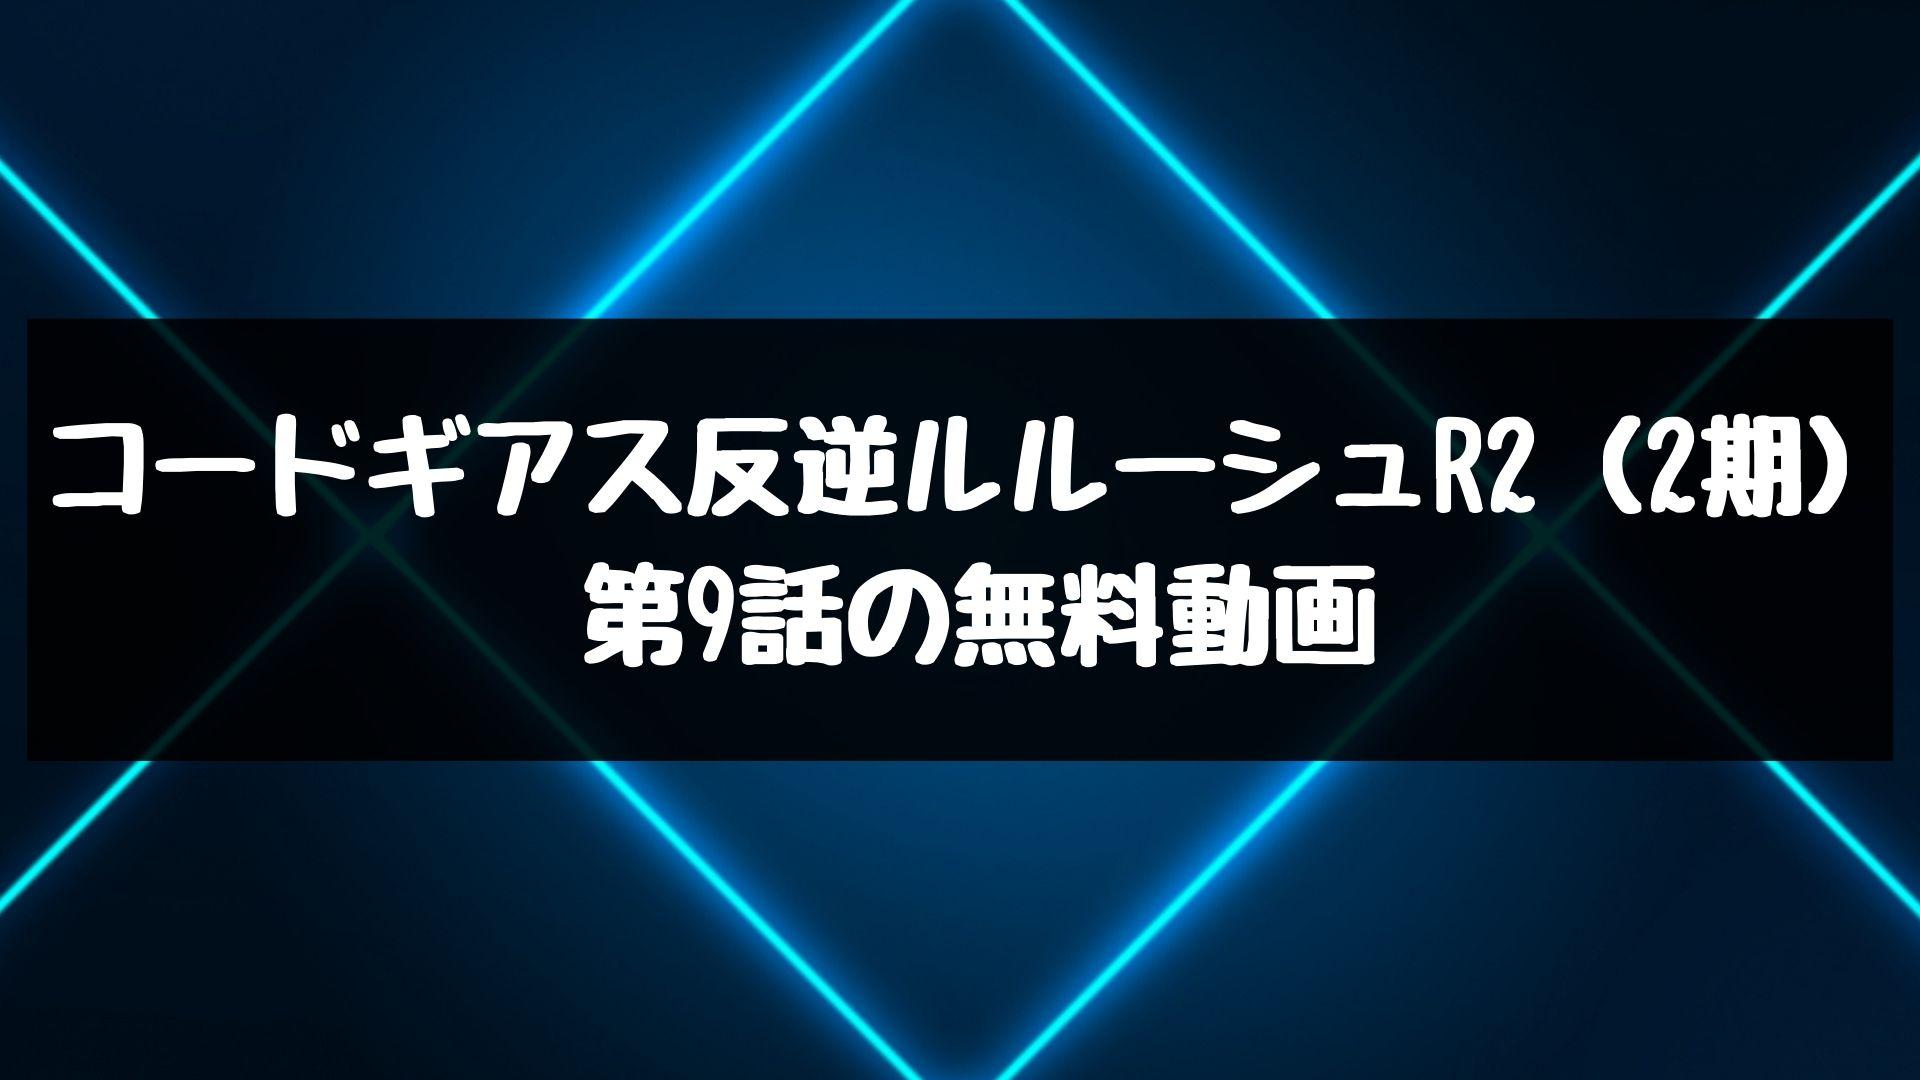 コードギアス反逆ルルーシュR2(2期) 第9の無料動画